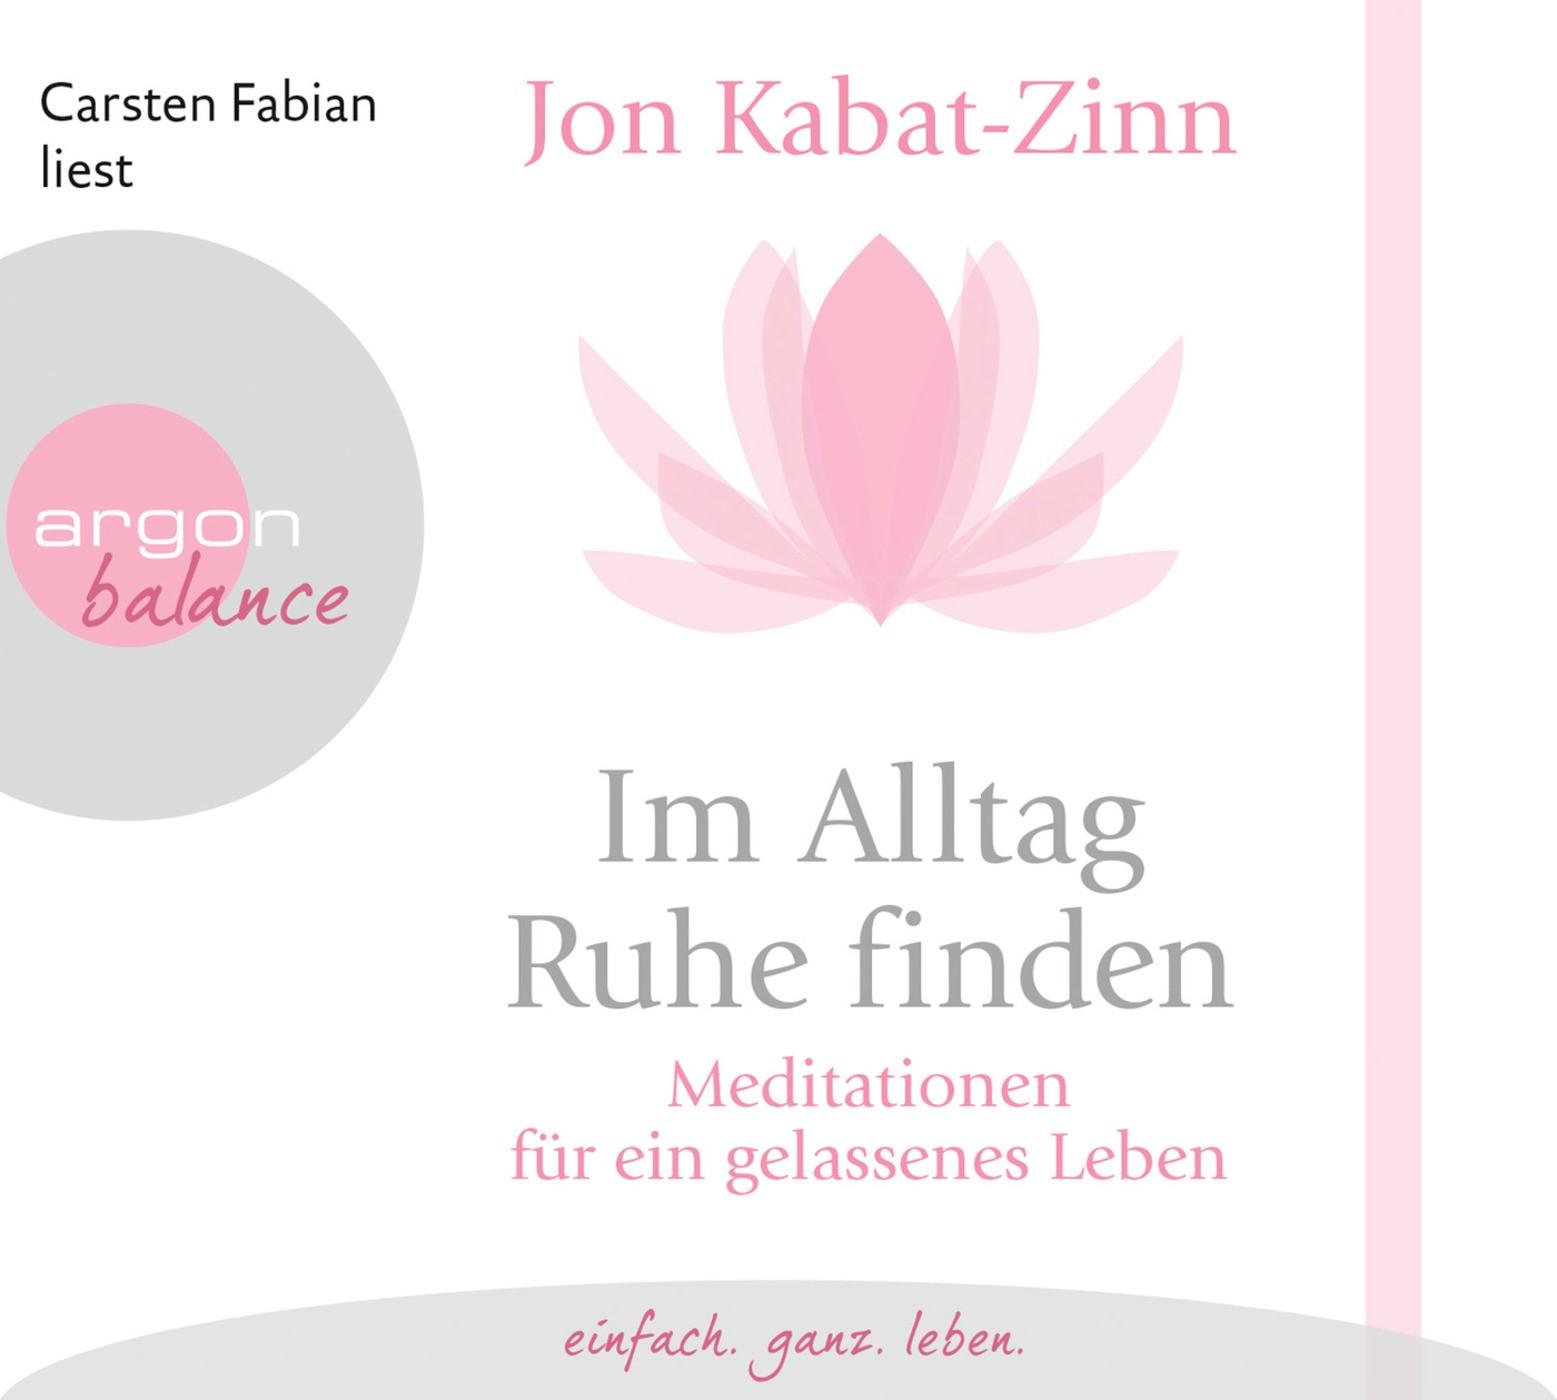 Im Alltag Ruhe finden | Kabat-Zinn, 2015 (Cover)